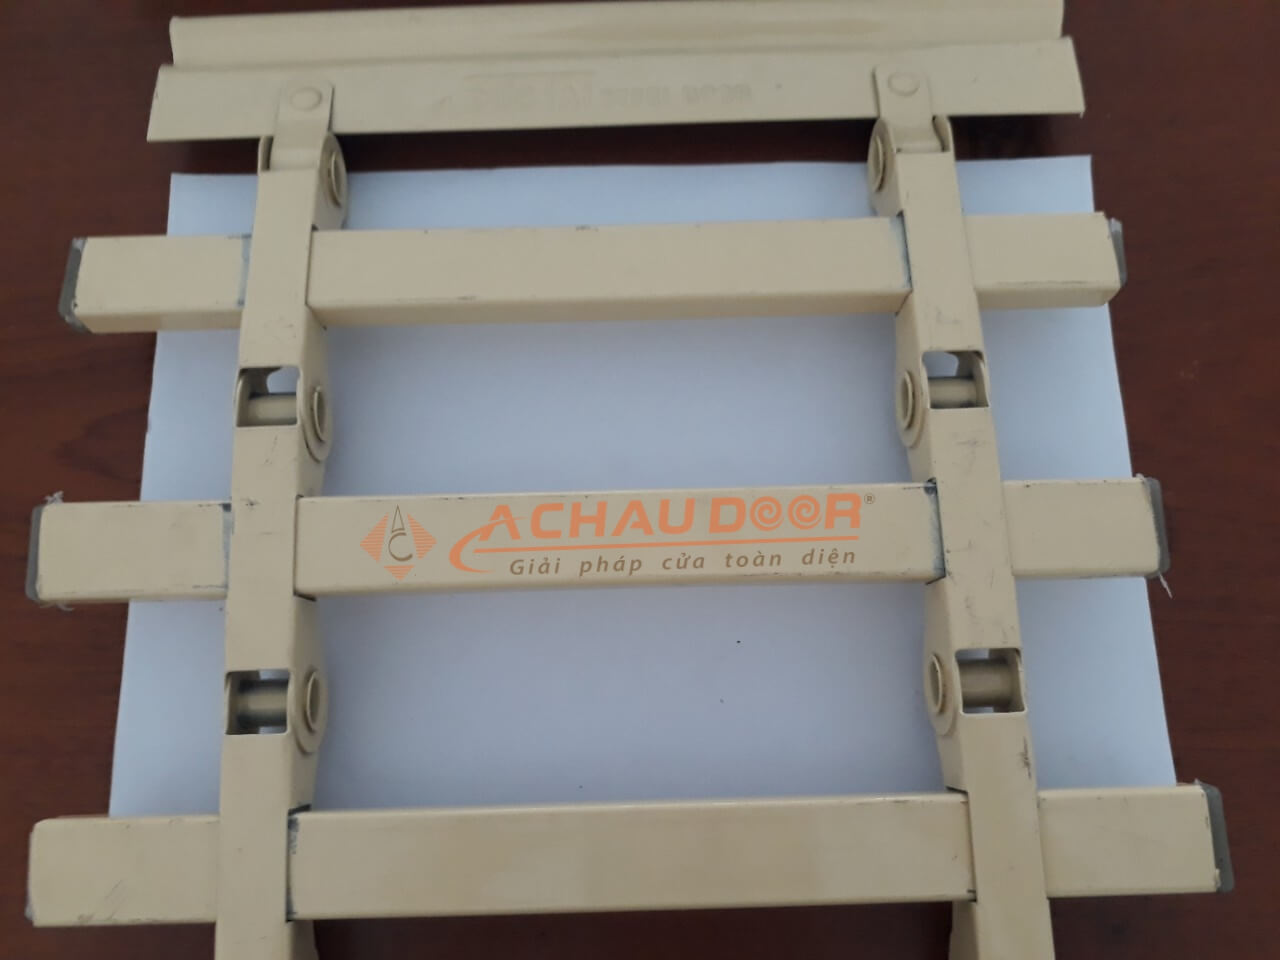 thanh cửa cuốn song vuông được sơn tĩnh điện màu vàng kem